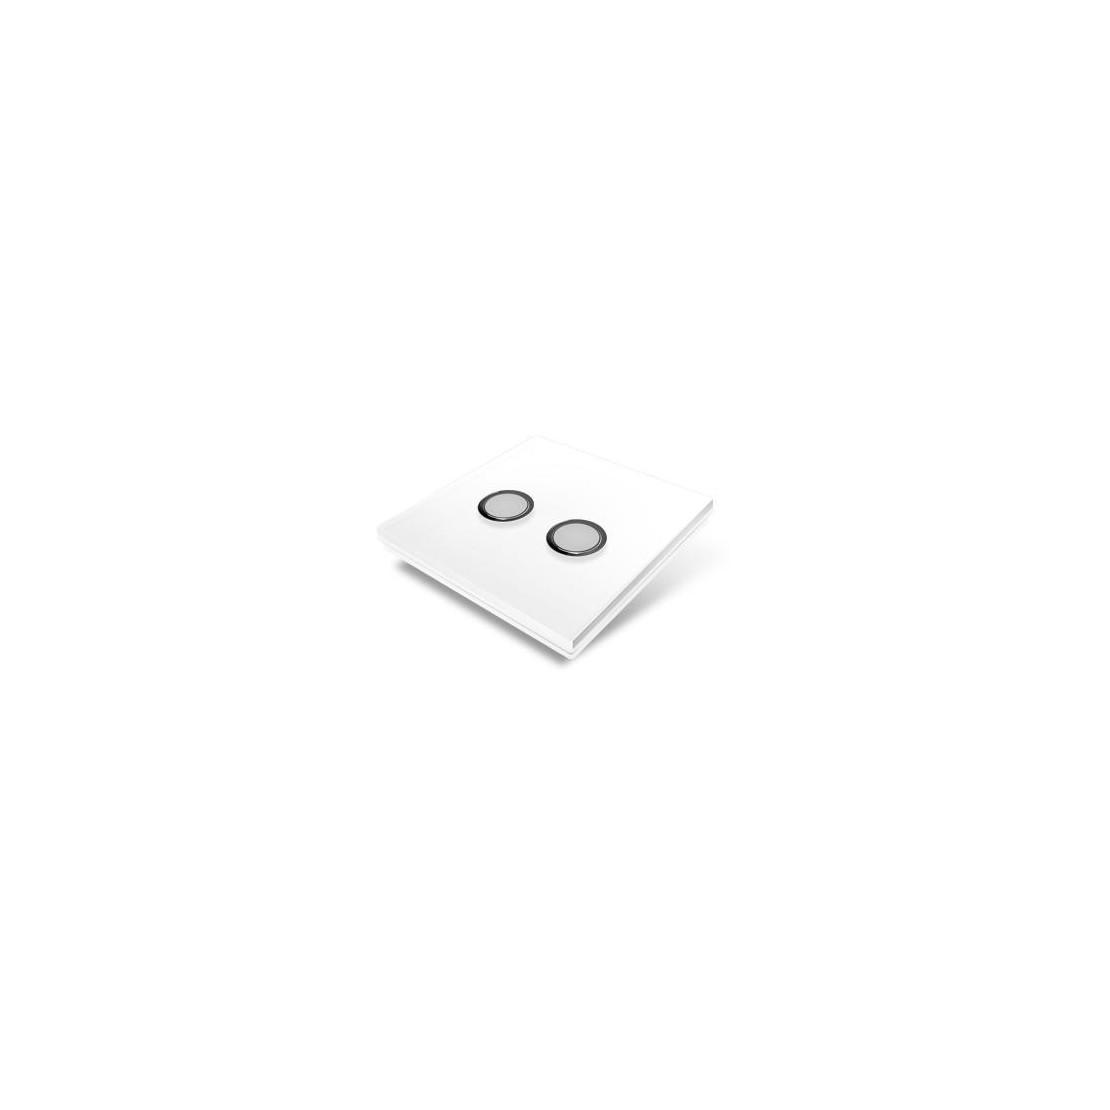 Plaque de recouvrement pour interrupteur Edisio - plastique Blanc